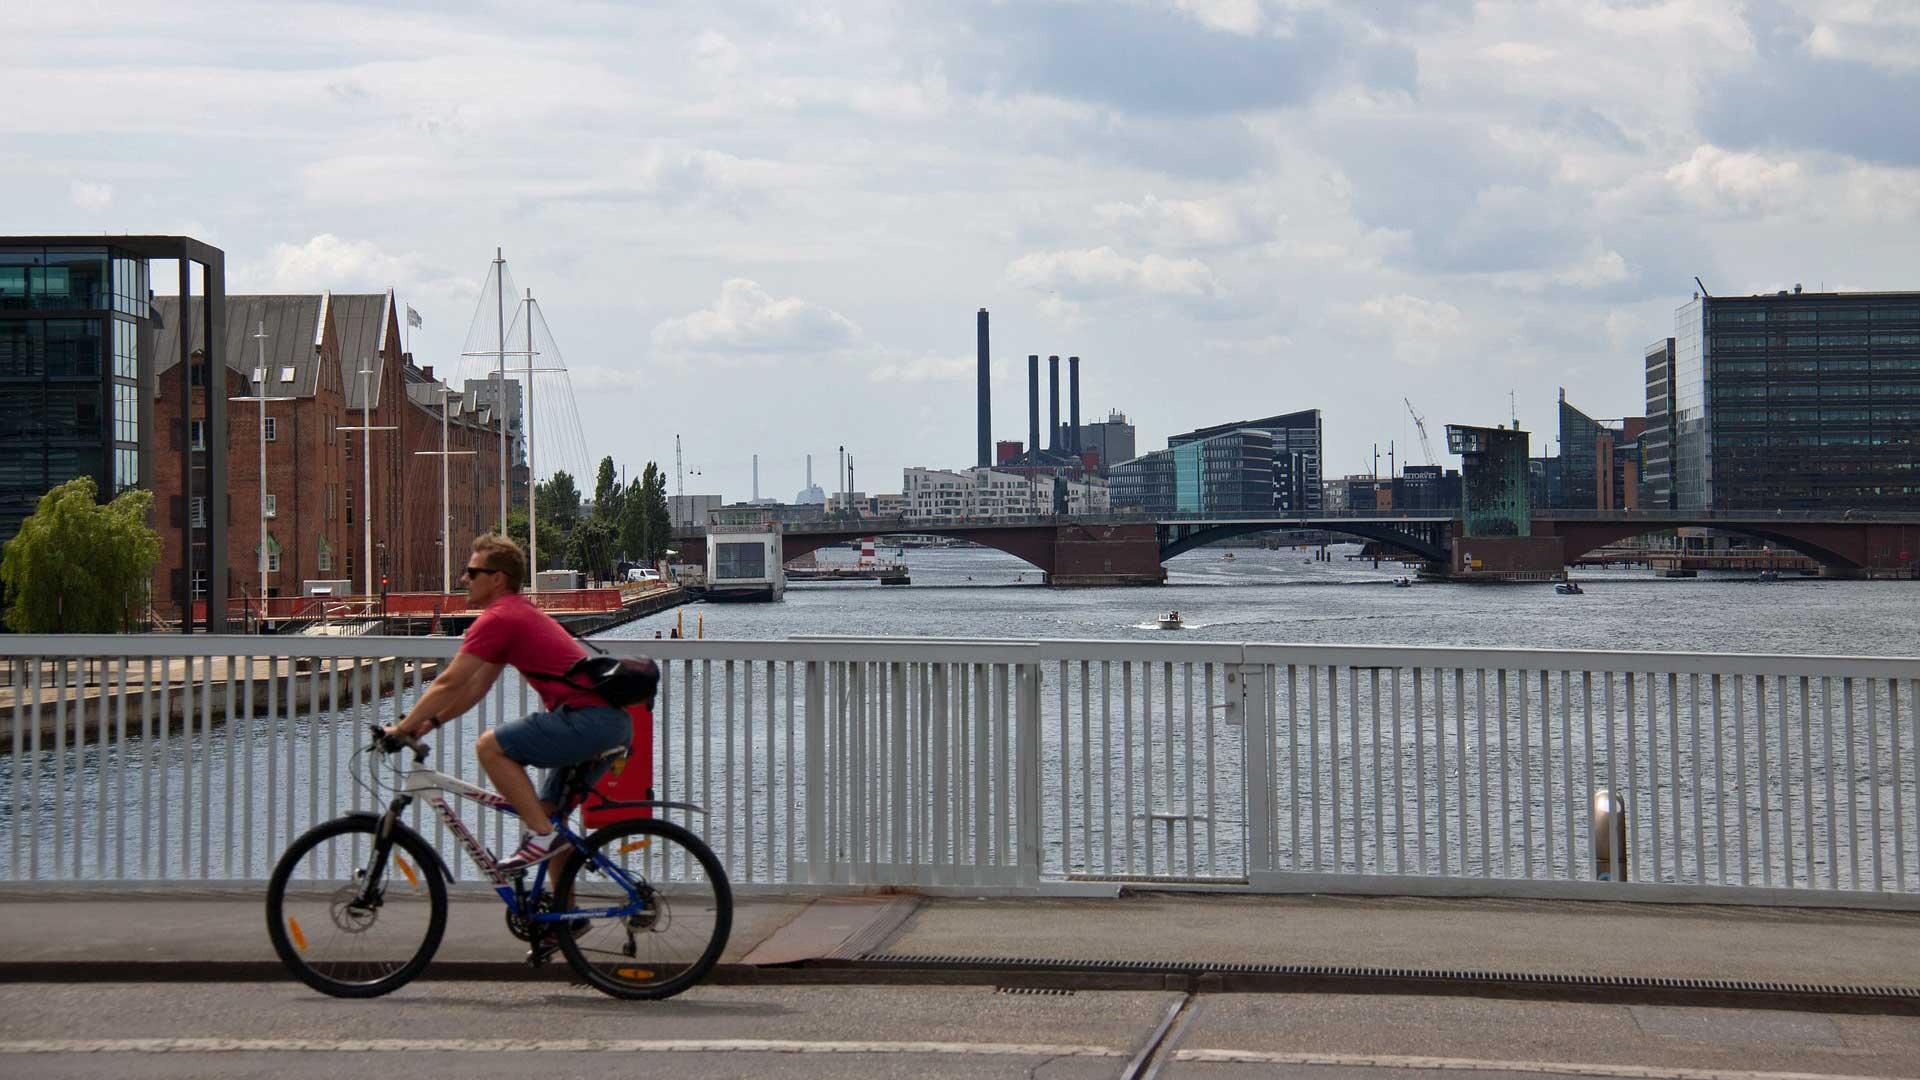 Kopenhagen is een van de meest fietsvriendelijke steden van Europa.